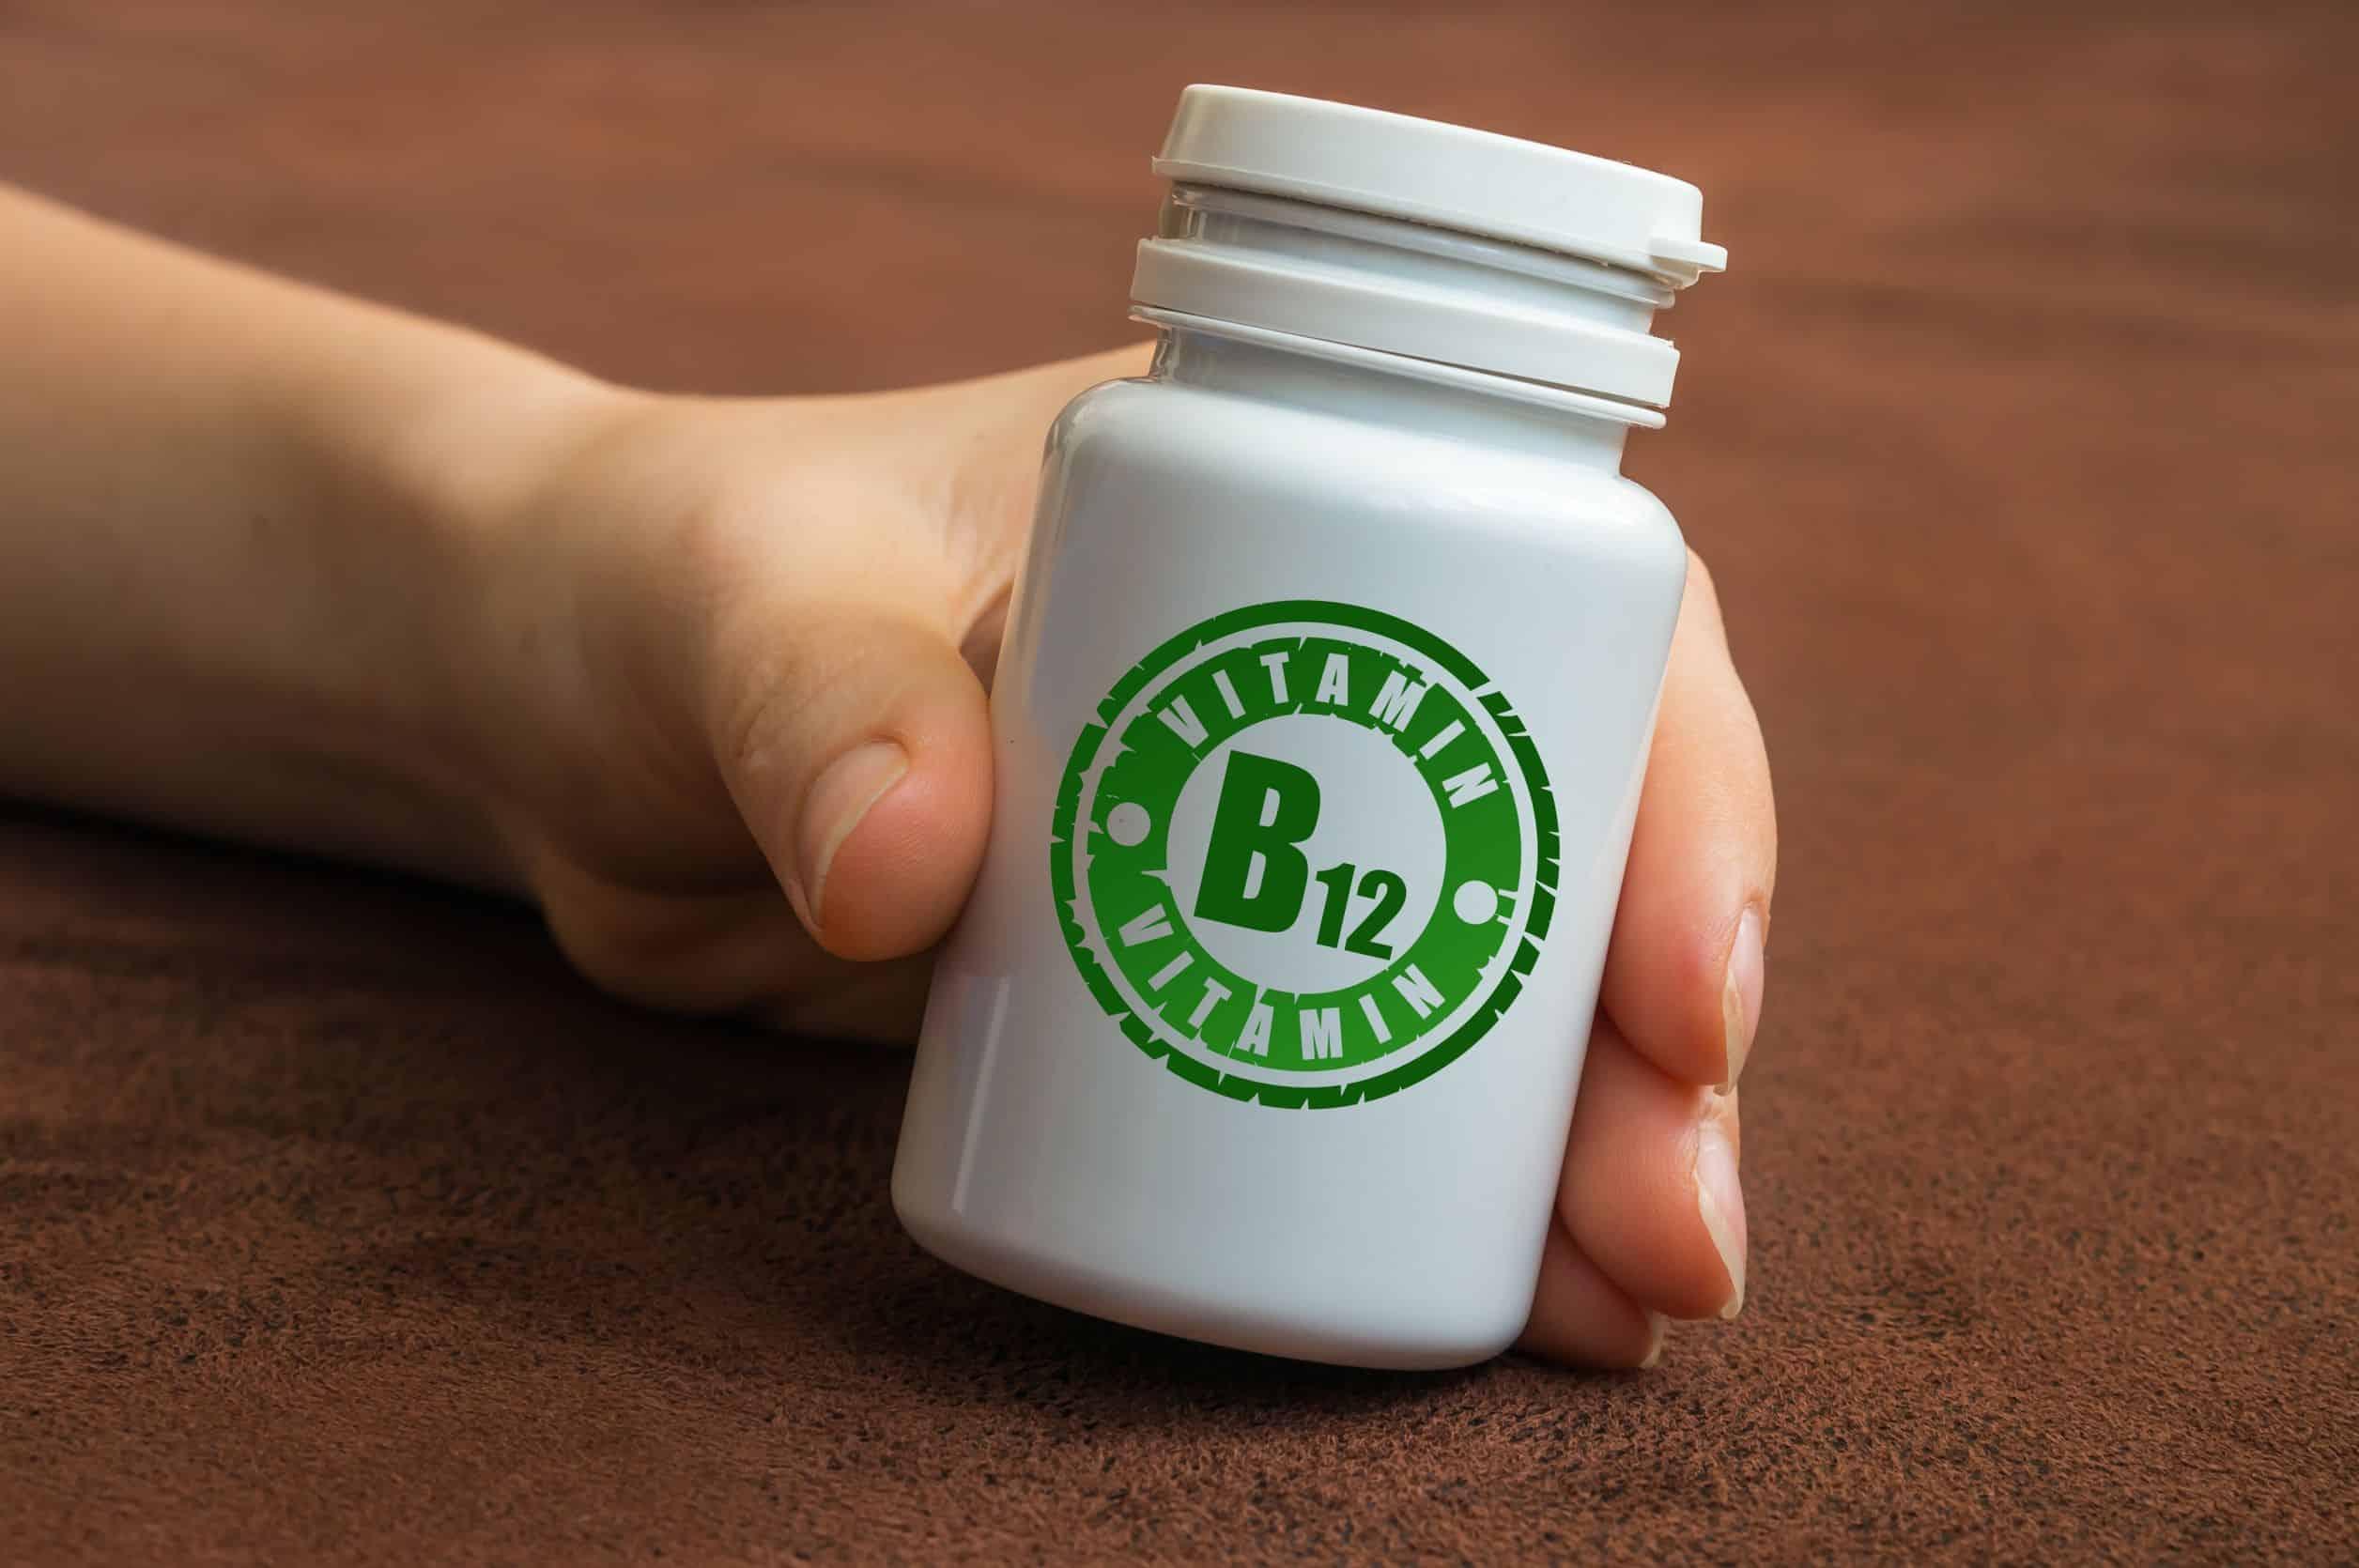 Mão segurando frasco de vitamina B12.